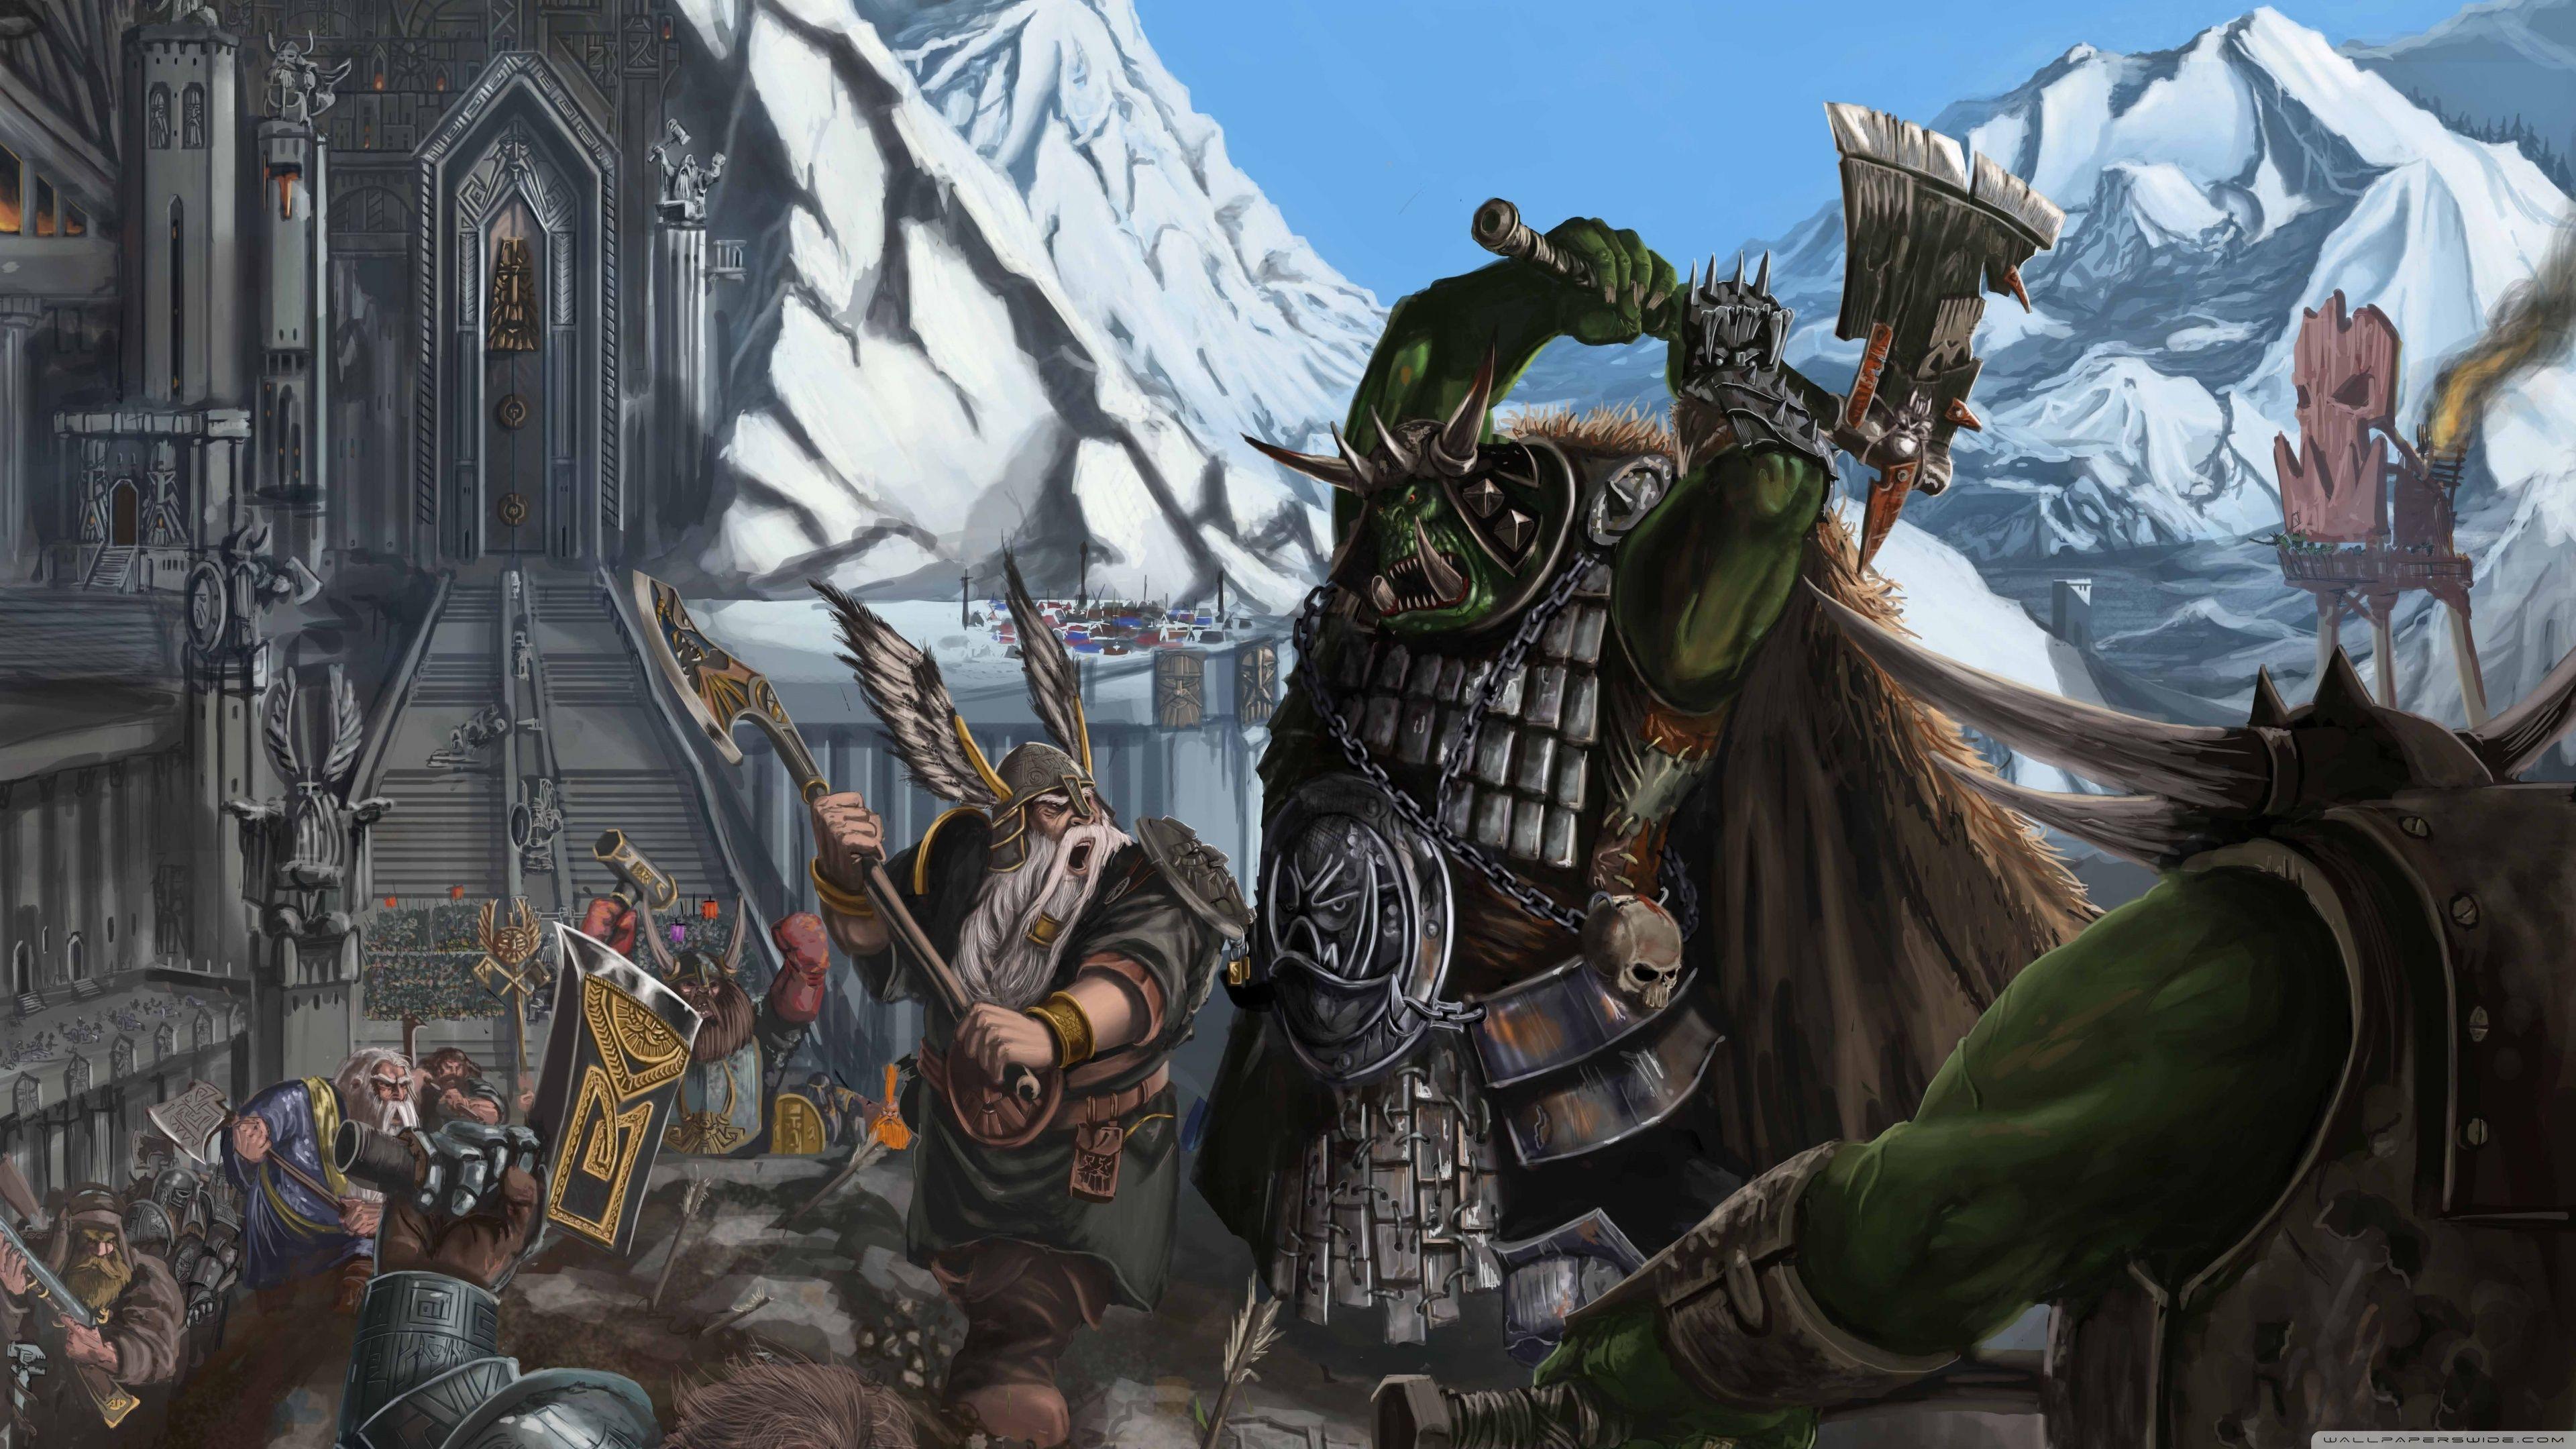 Fantasy Battles Hd Desktop Wallpaper High Definition Fantasy Battle Warhammer Fantasy Warhammer Fantasy Battle